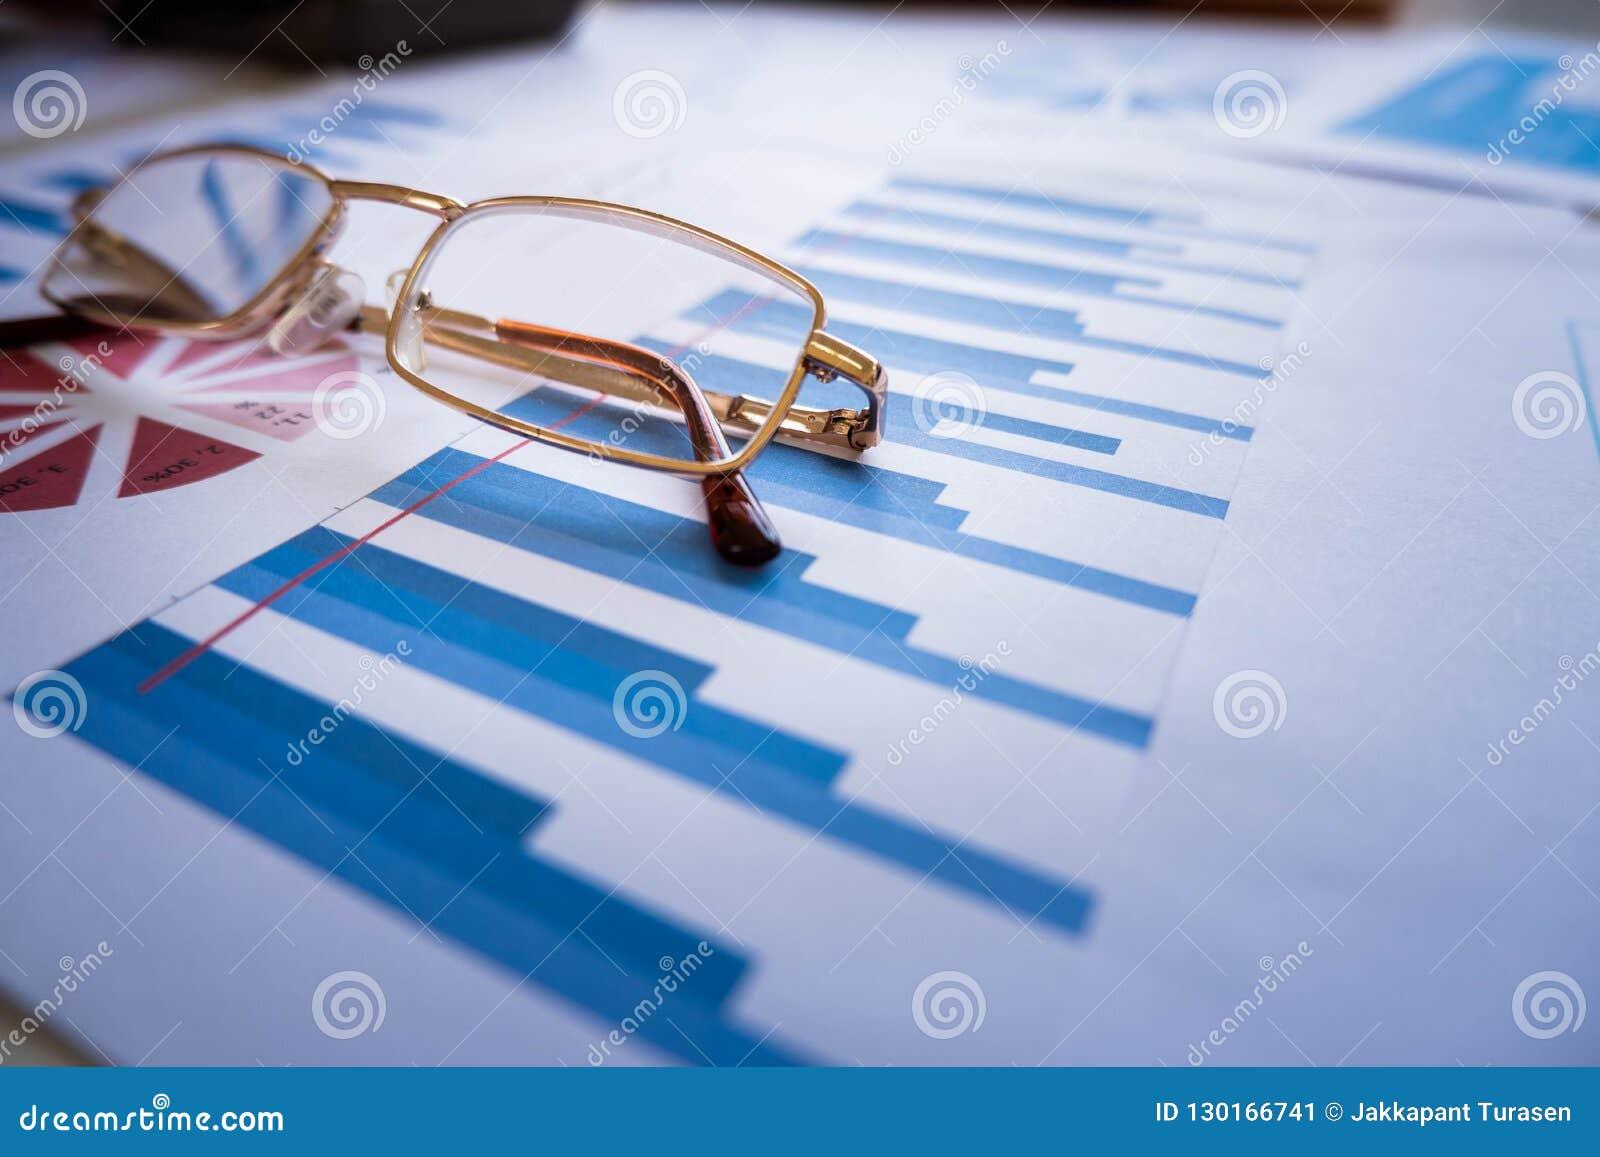 Стекла устанавливают на обработке документов